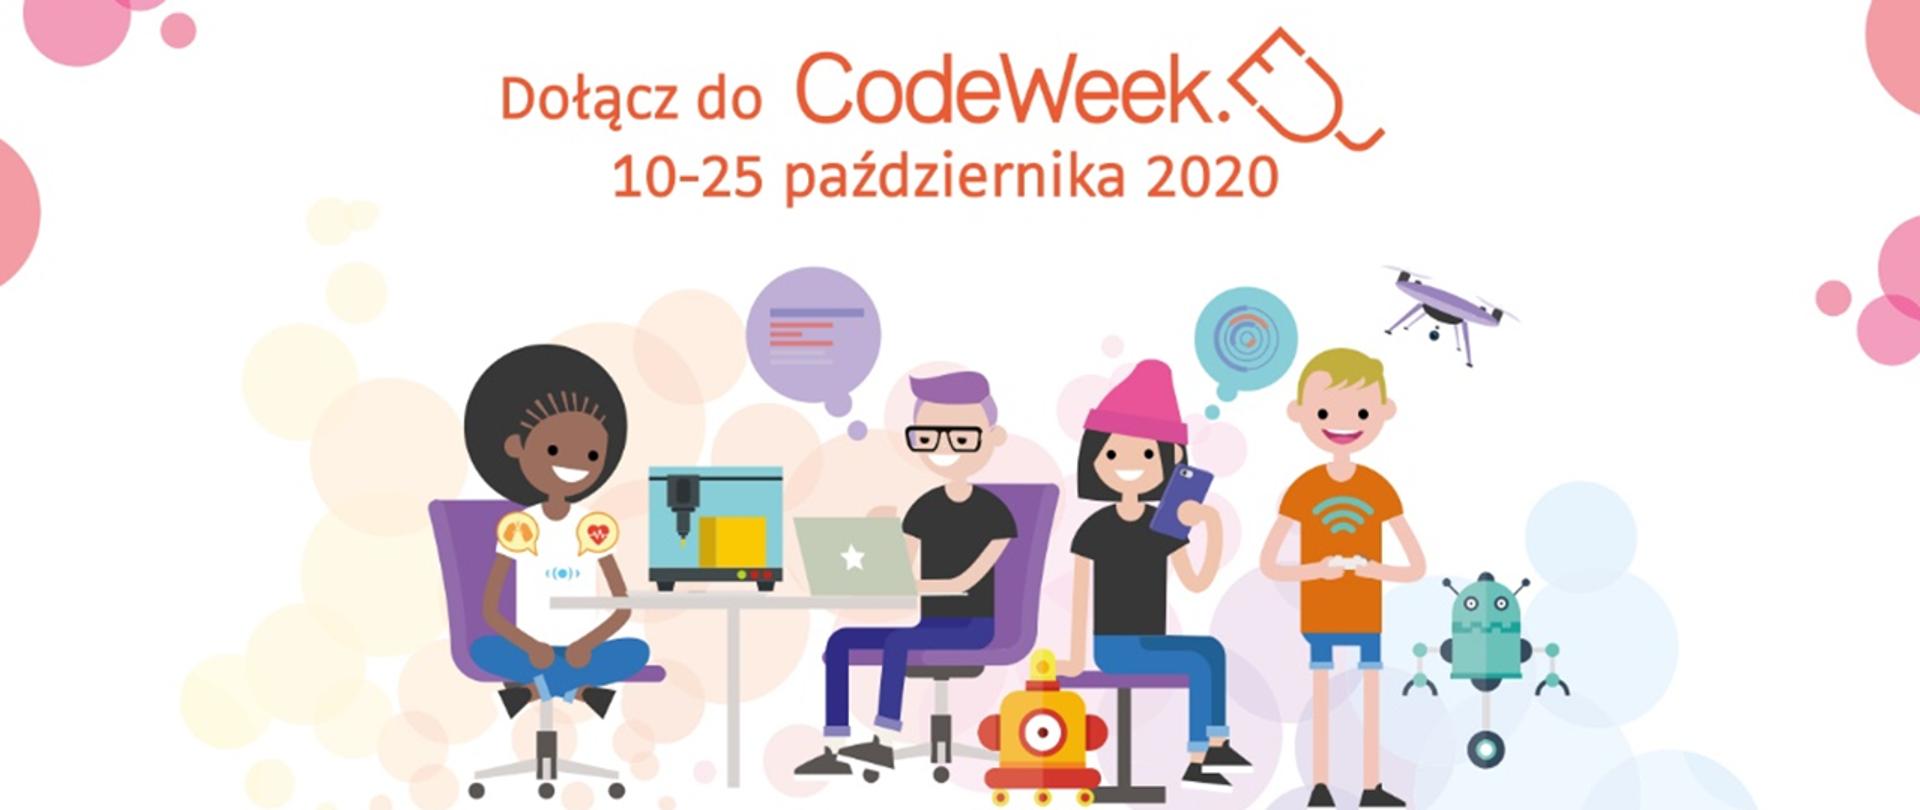 """Jasna, kolorowa grafika z nastolatkami korzystającymi z nowych technologii. Nad nimi tekst """"Dołącz do CodeWeek, 10-25 października 2020"""""""